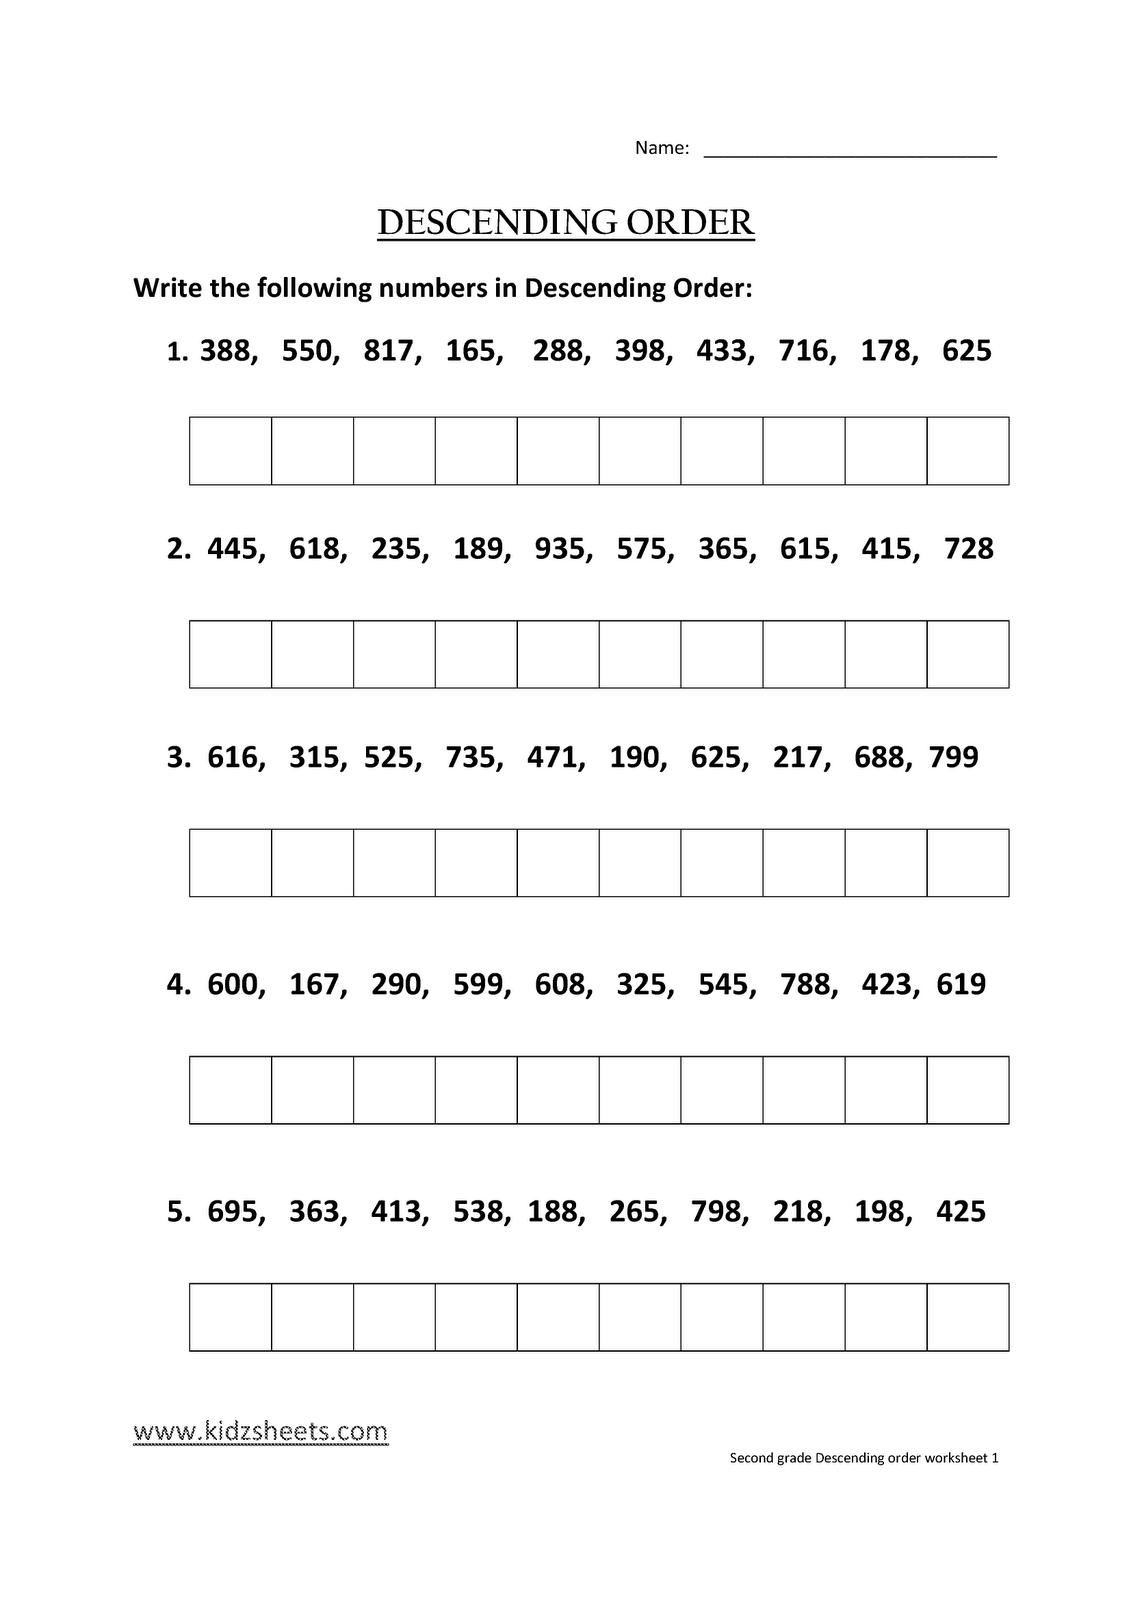 Ascending And Descending Order Worksheets